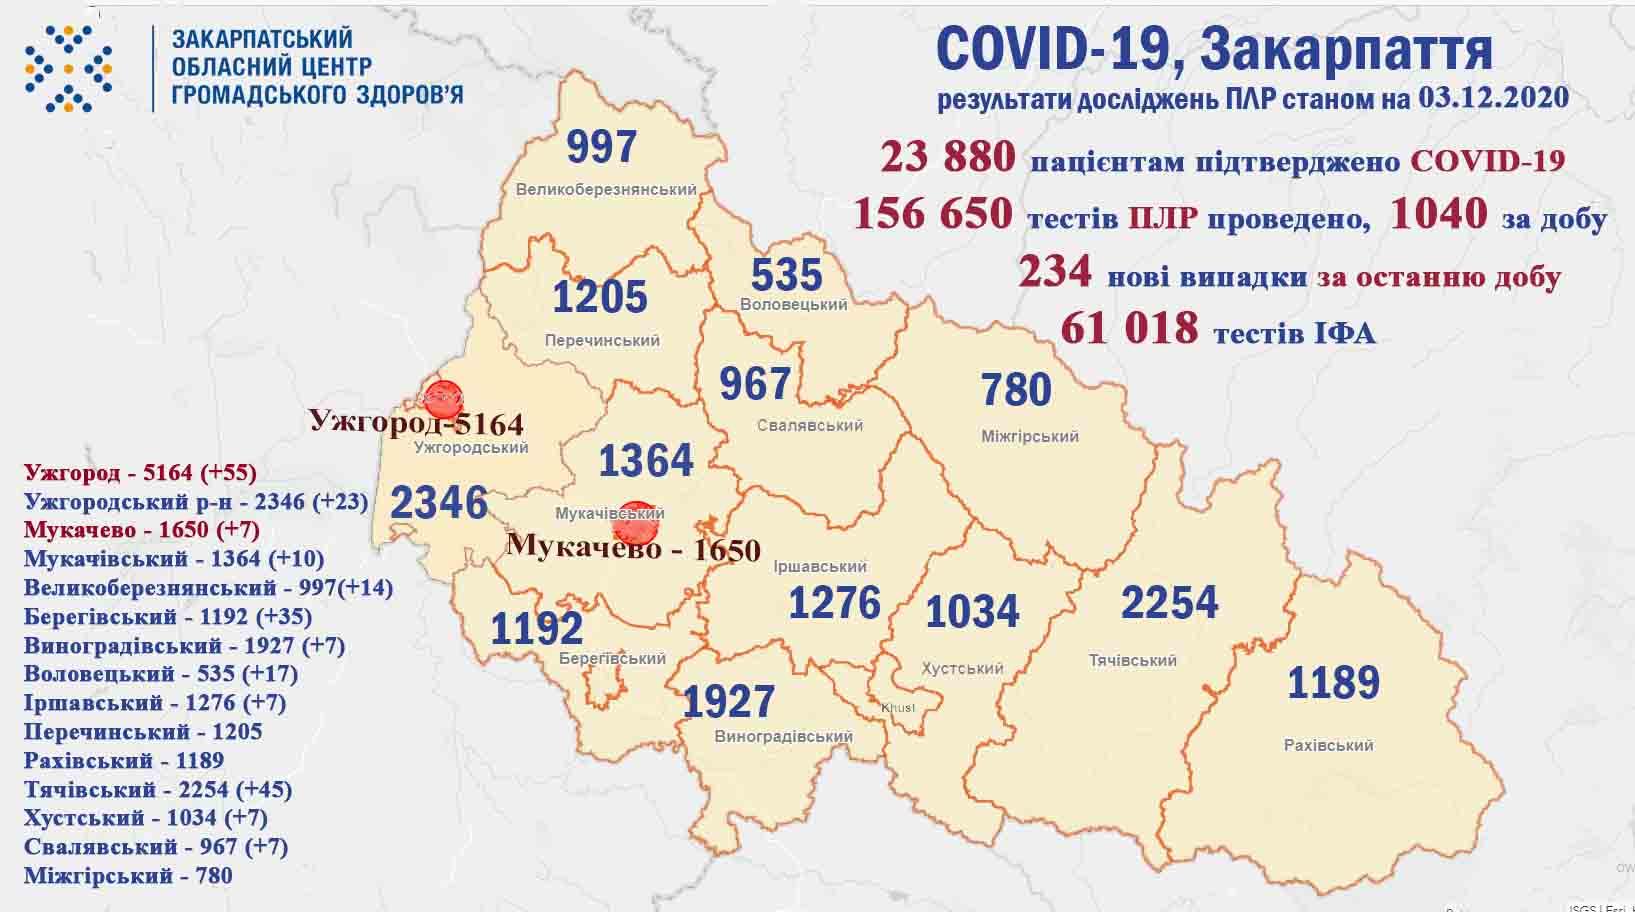 На Закарпатті за добу виявили 234 випадки коронавірусу